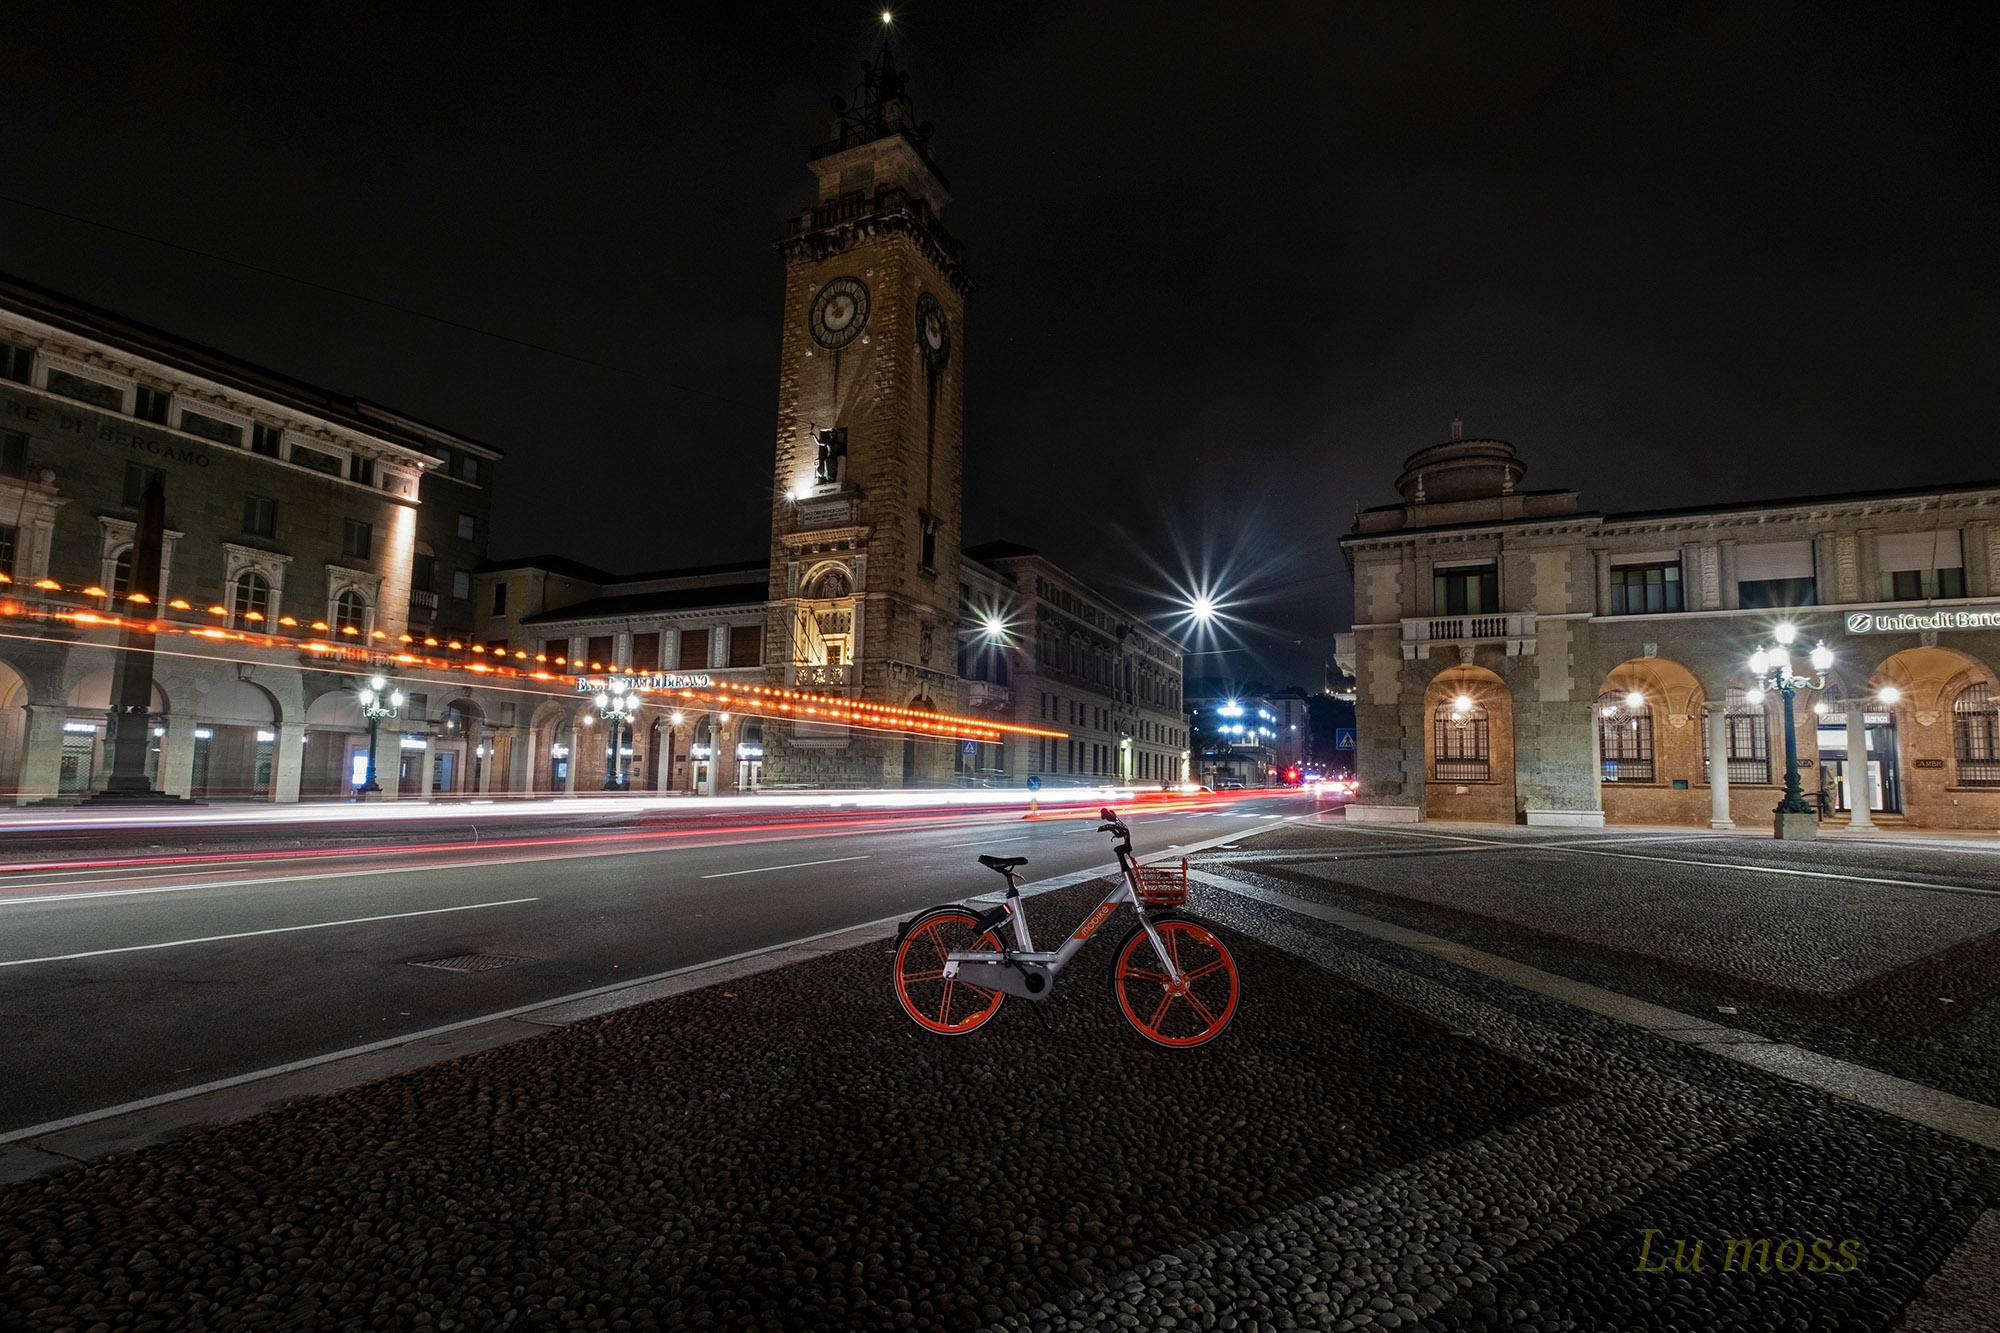 A bike in the night....